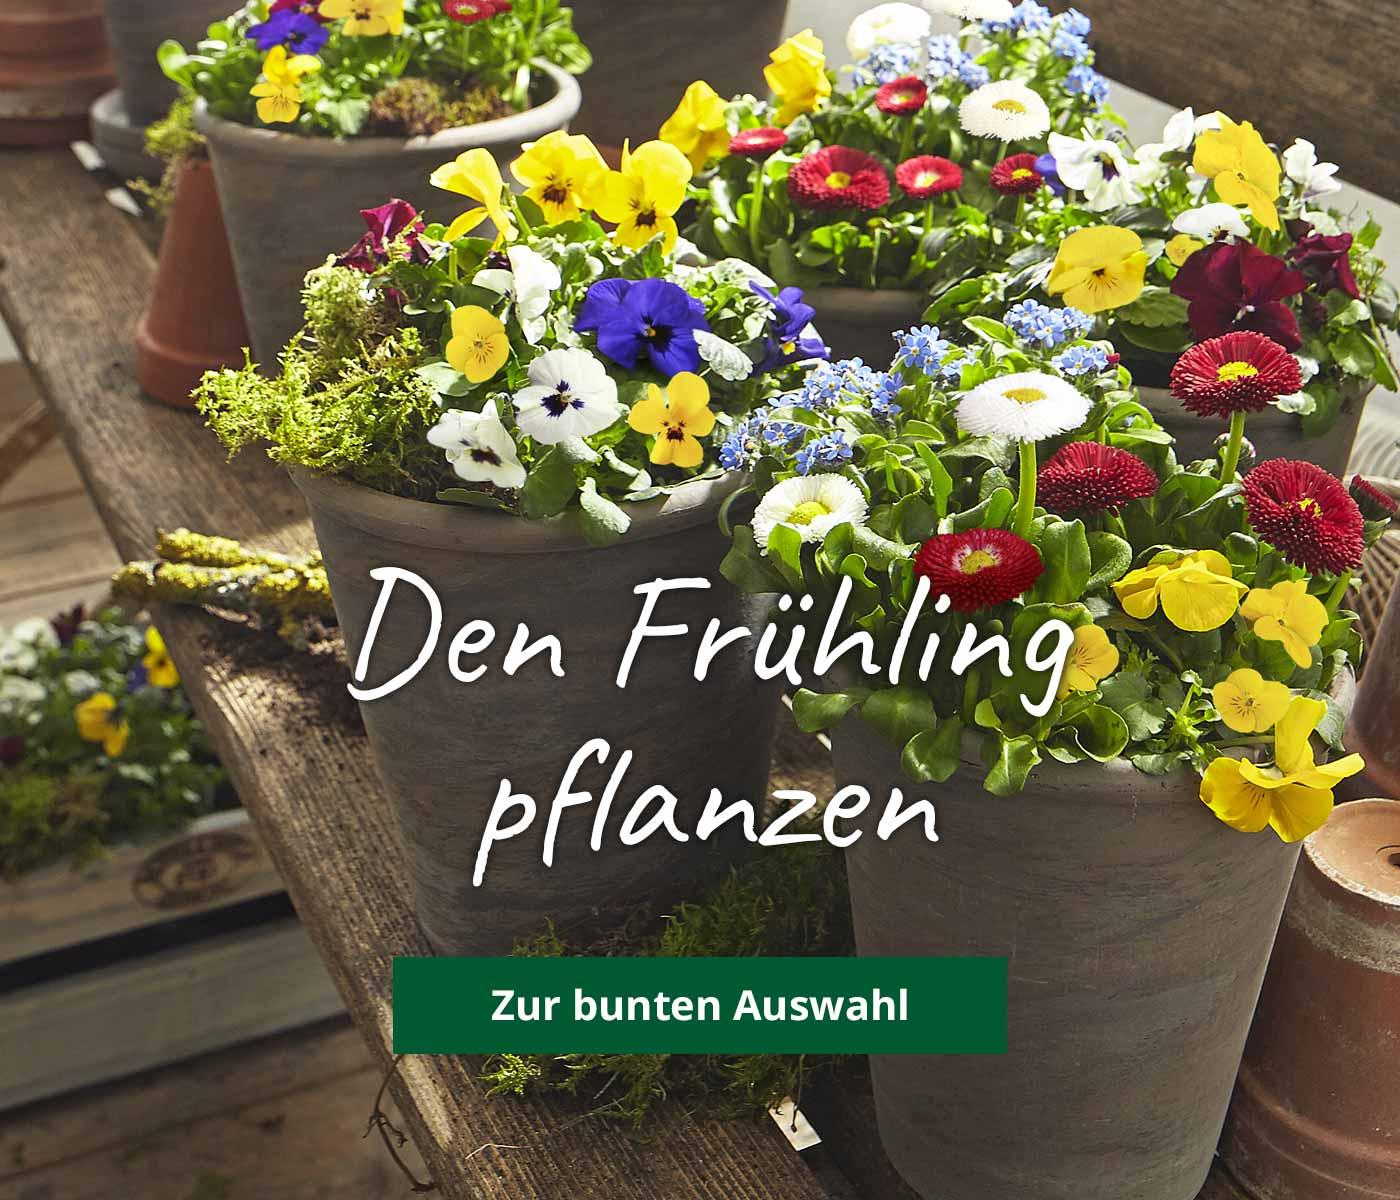 Blumensamen Von Dehner Da Bluht Ihr Zuhause Auf Dehner